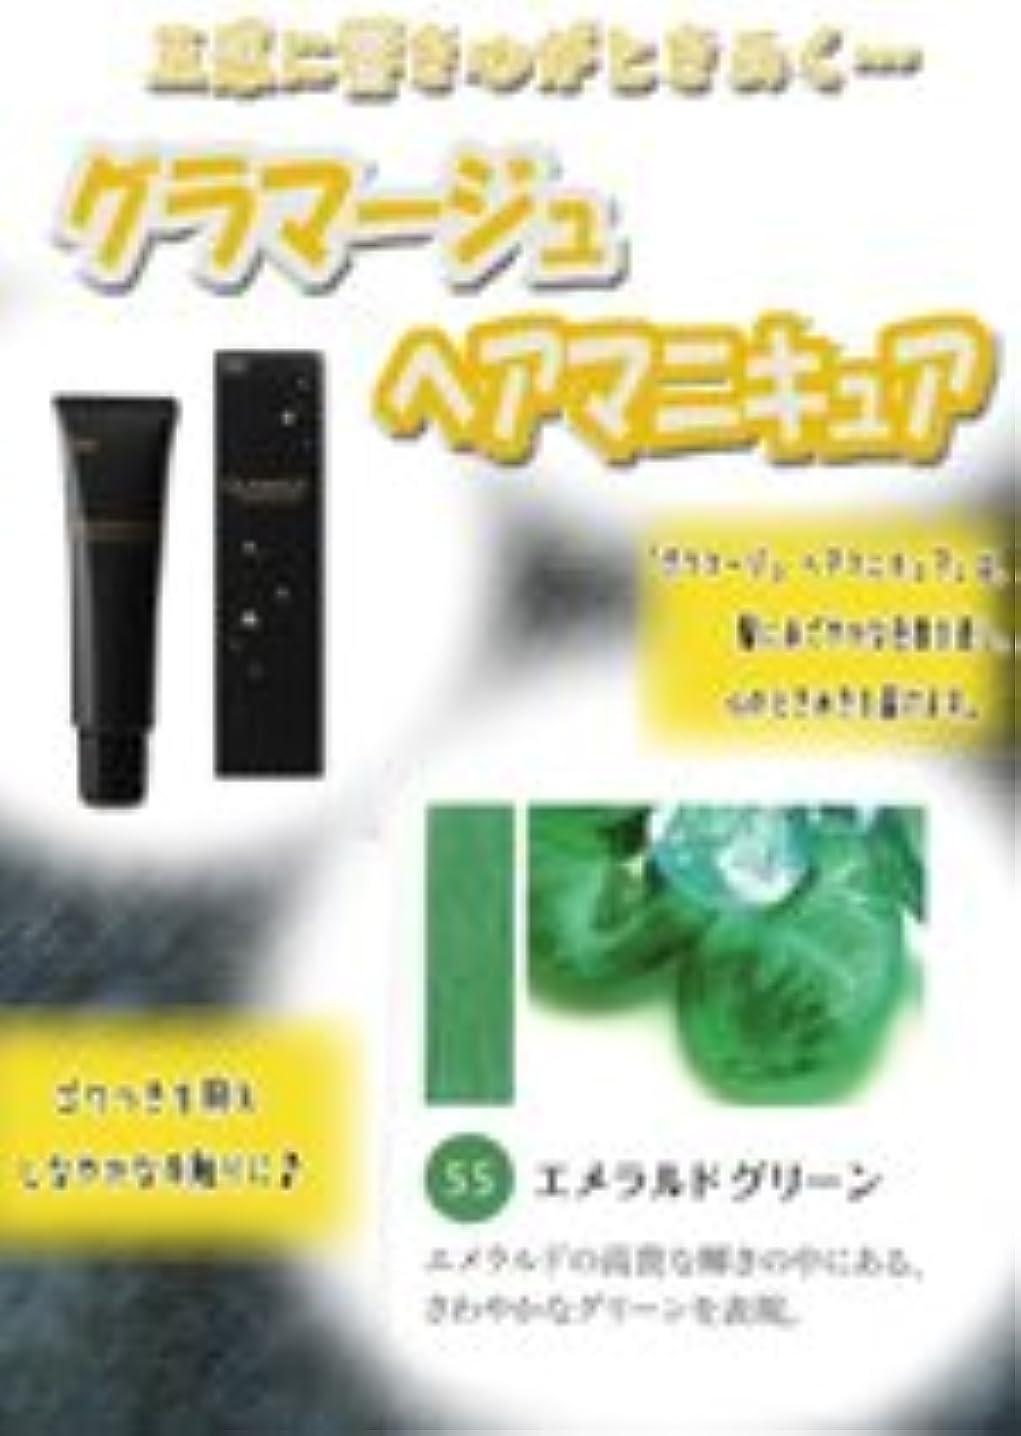 機動一貫性のないパリティHOYU ホーユー グラマージュ ヘアマニキュア 55 エメラルドグリーン 150g 【ビビッド系】